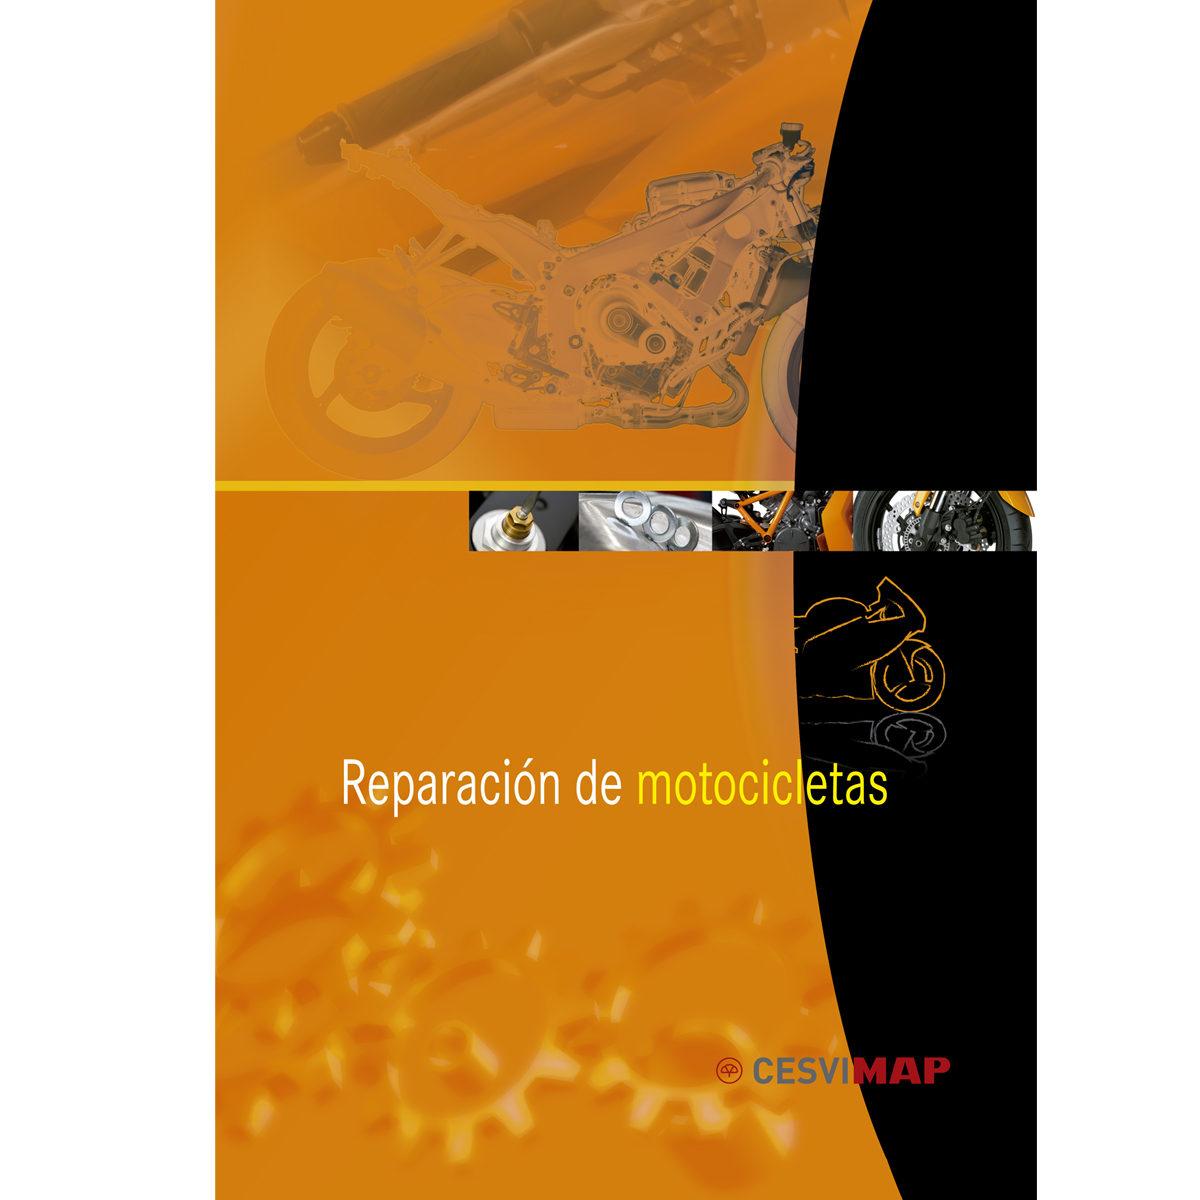 reparacion de motocicletas-9788497013062